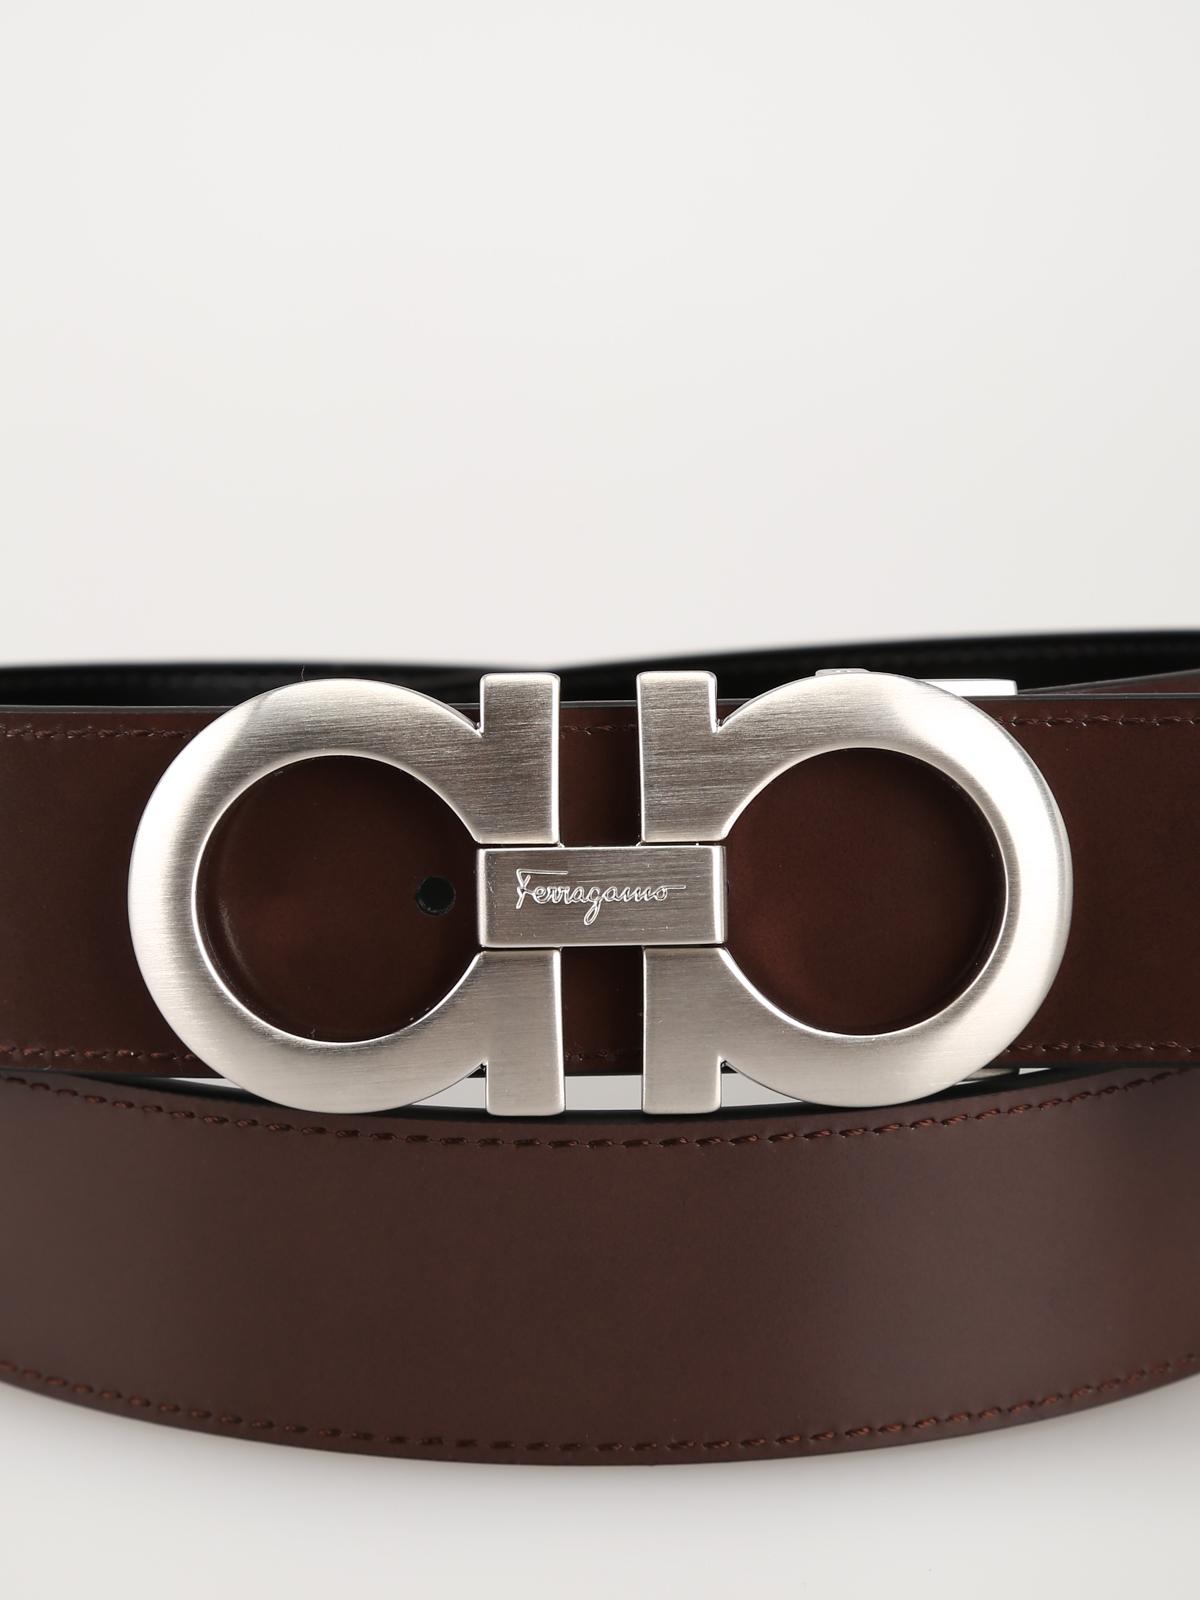 a14400425b6d Cintura reversibile in pelle nera e marrone shop online: SALVATORE FERRAGAMO